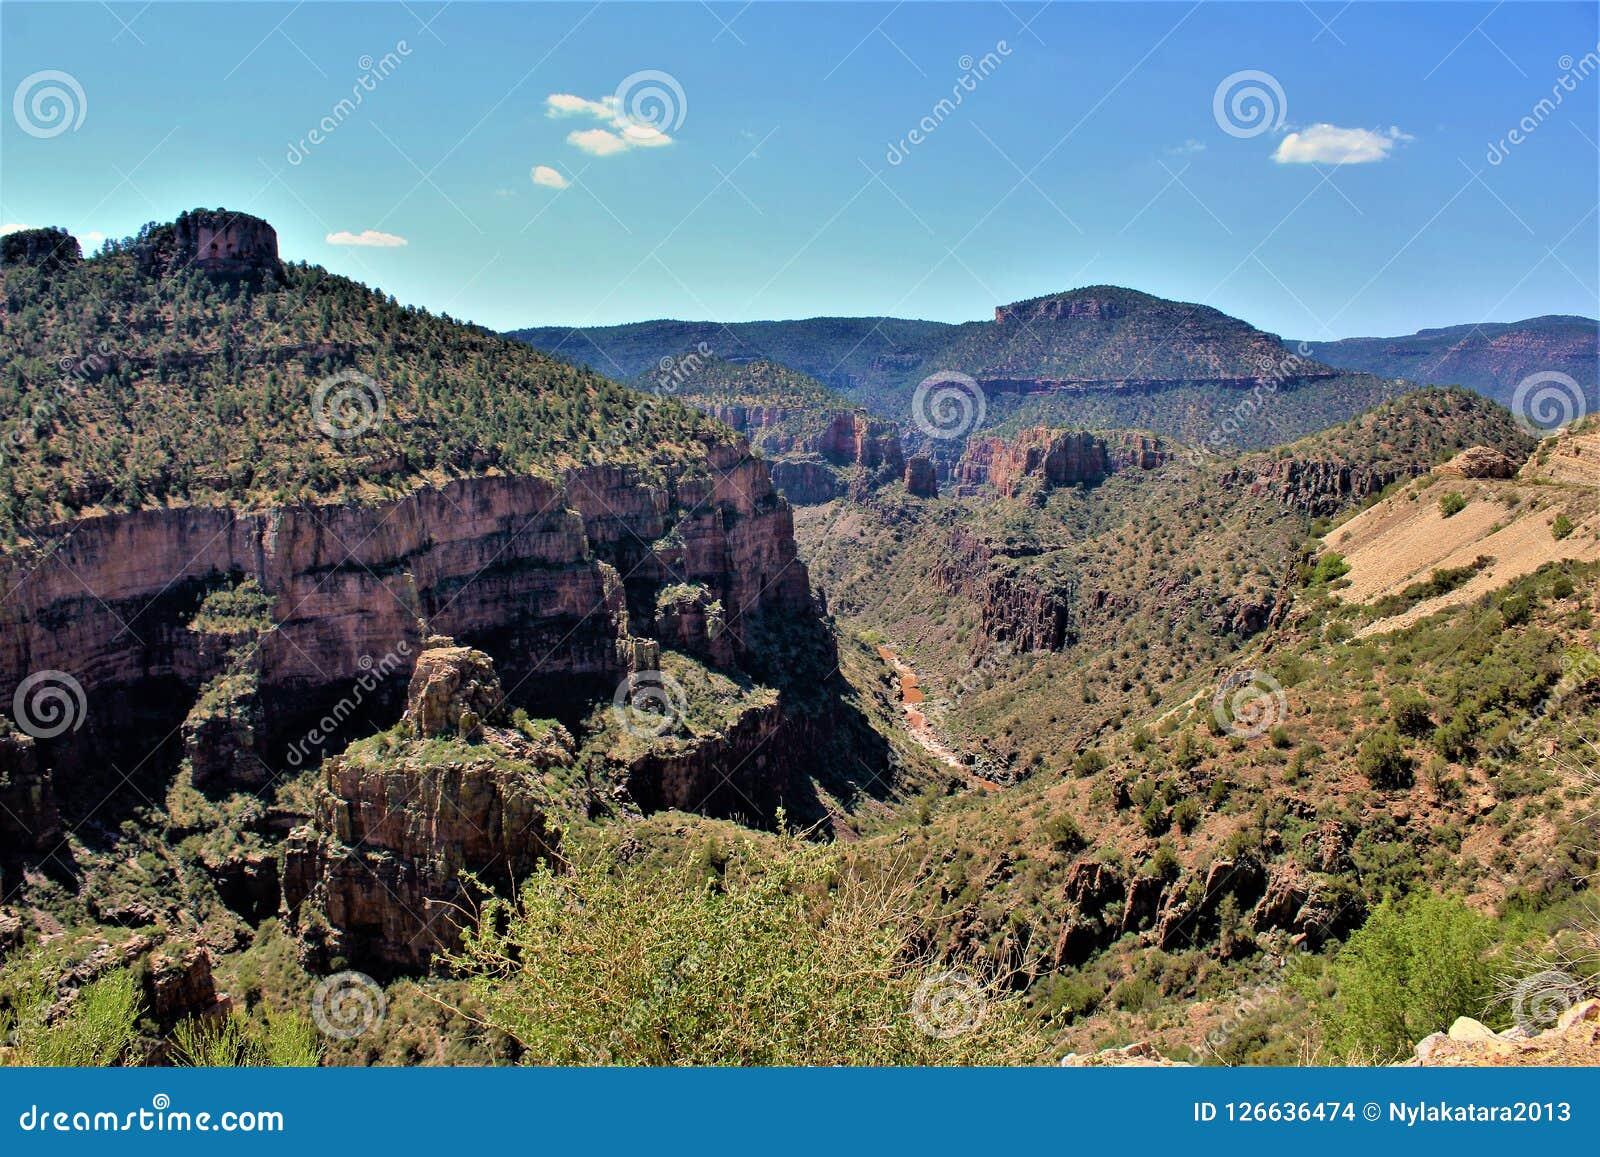 Solankowy Rzeczny jar wśród Białej Halnej Apache Indiańskiej rezerwaci, Arizona, Stany Zjednoczone